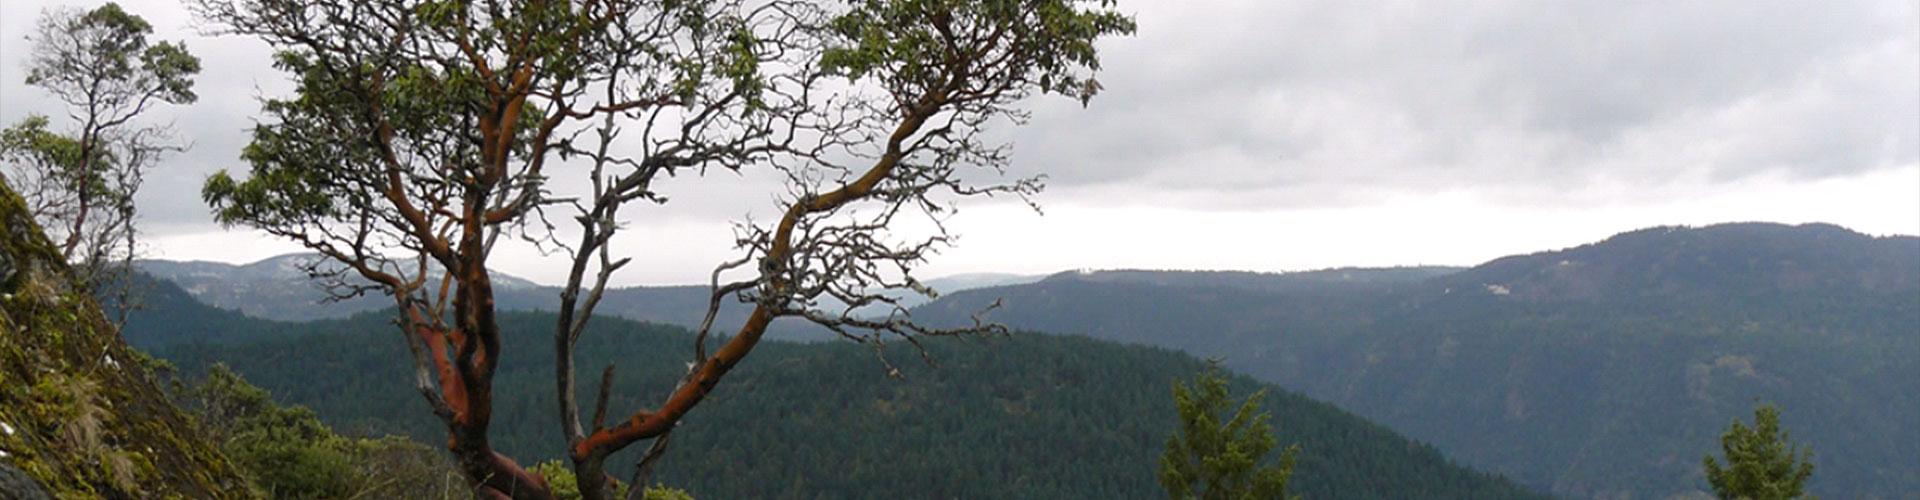 Tree2-edit